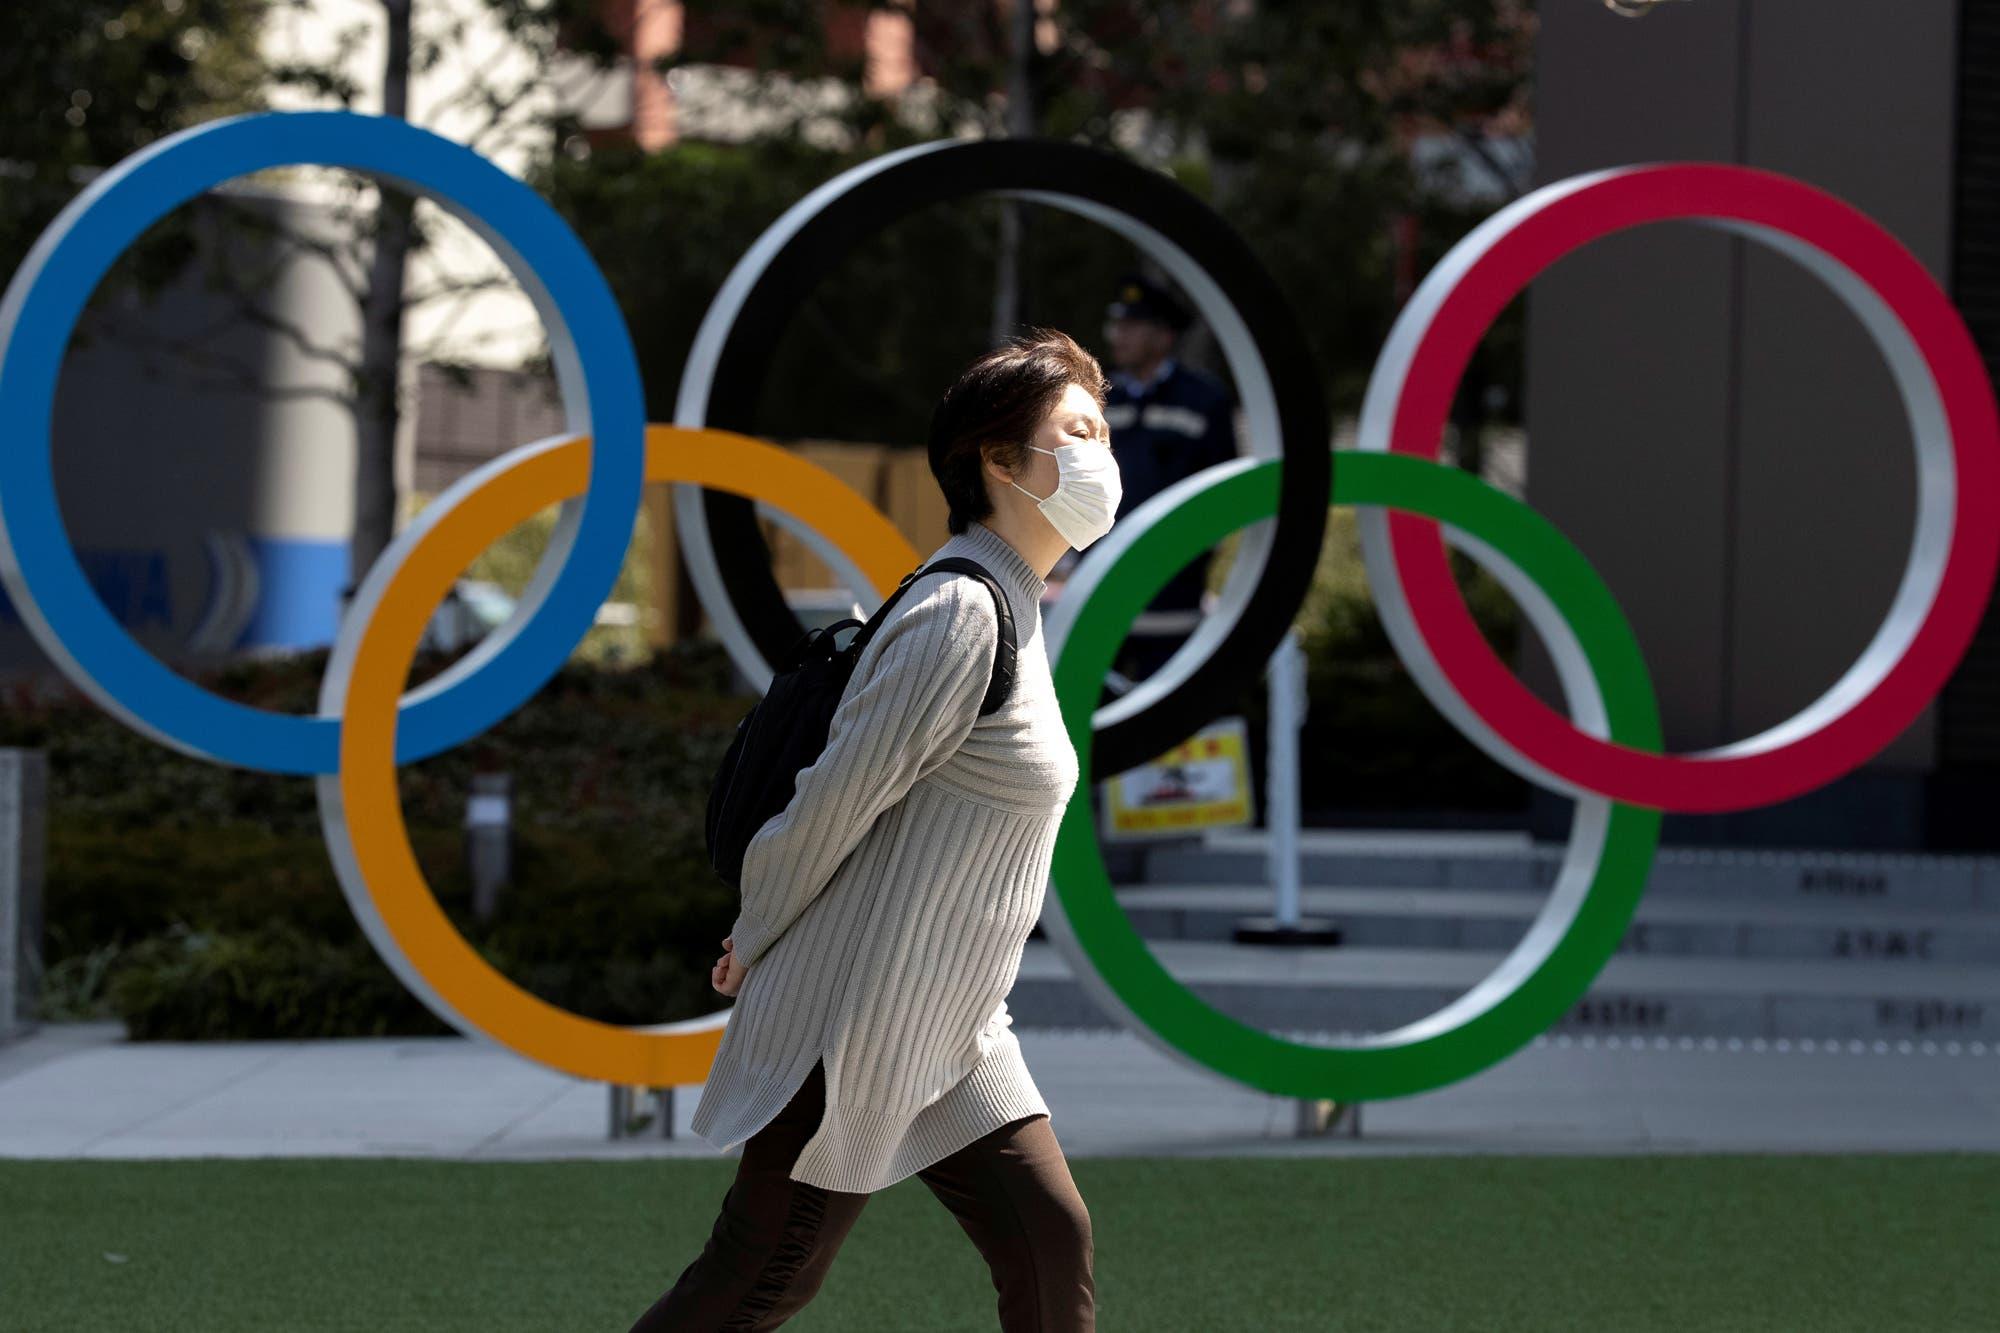 """El COI insiste en que sigue adelante con Tokio 2020, pero admite que considera """"diferentes escenarios"""""""